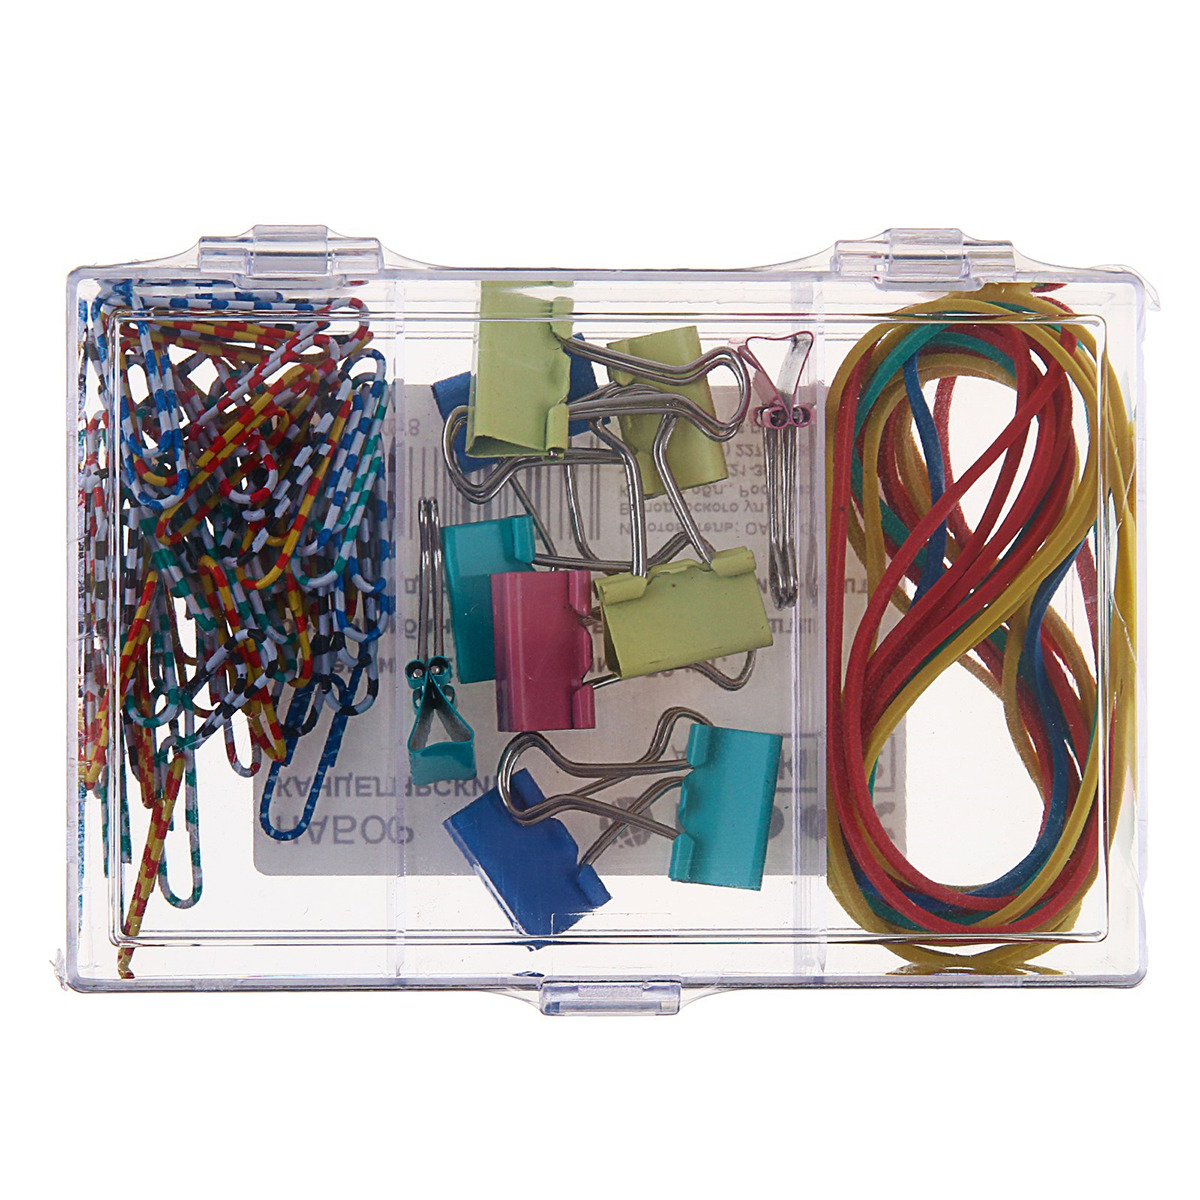 Канцелярский набор Globus, со скрепками, зажимом и банковскими резинками, 4074904, мультиколор канцелярский набор cars cars 3 предмета